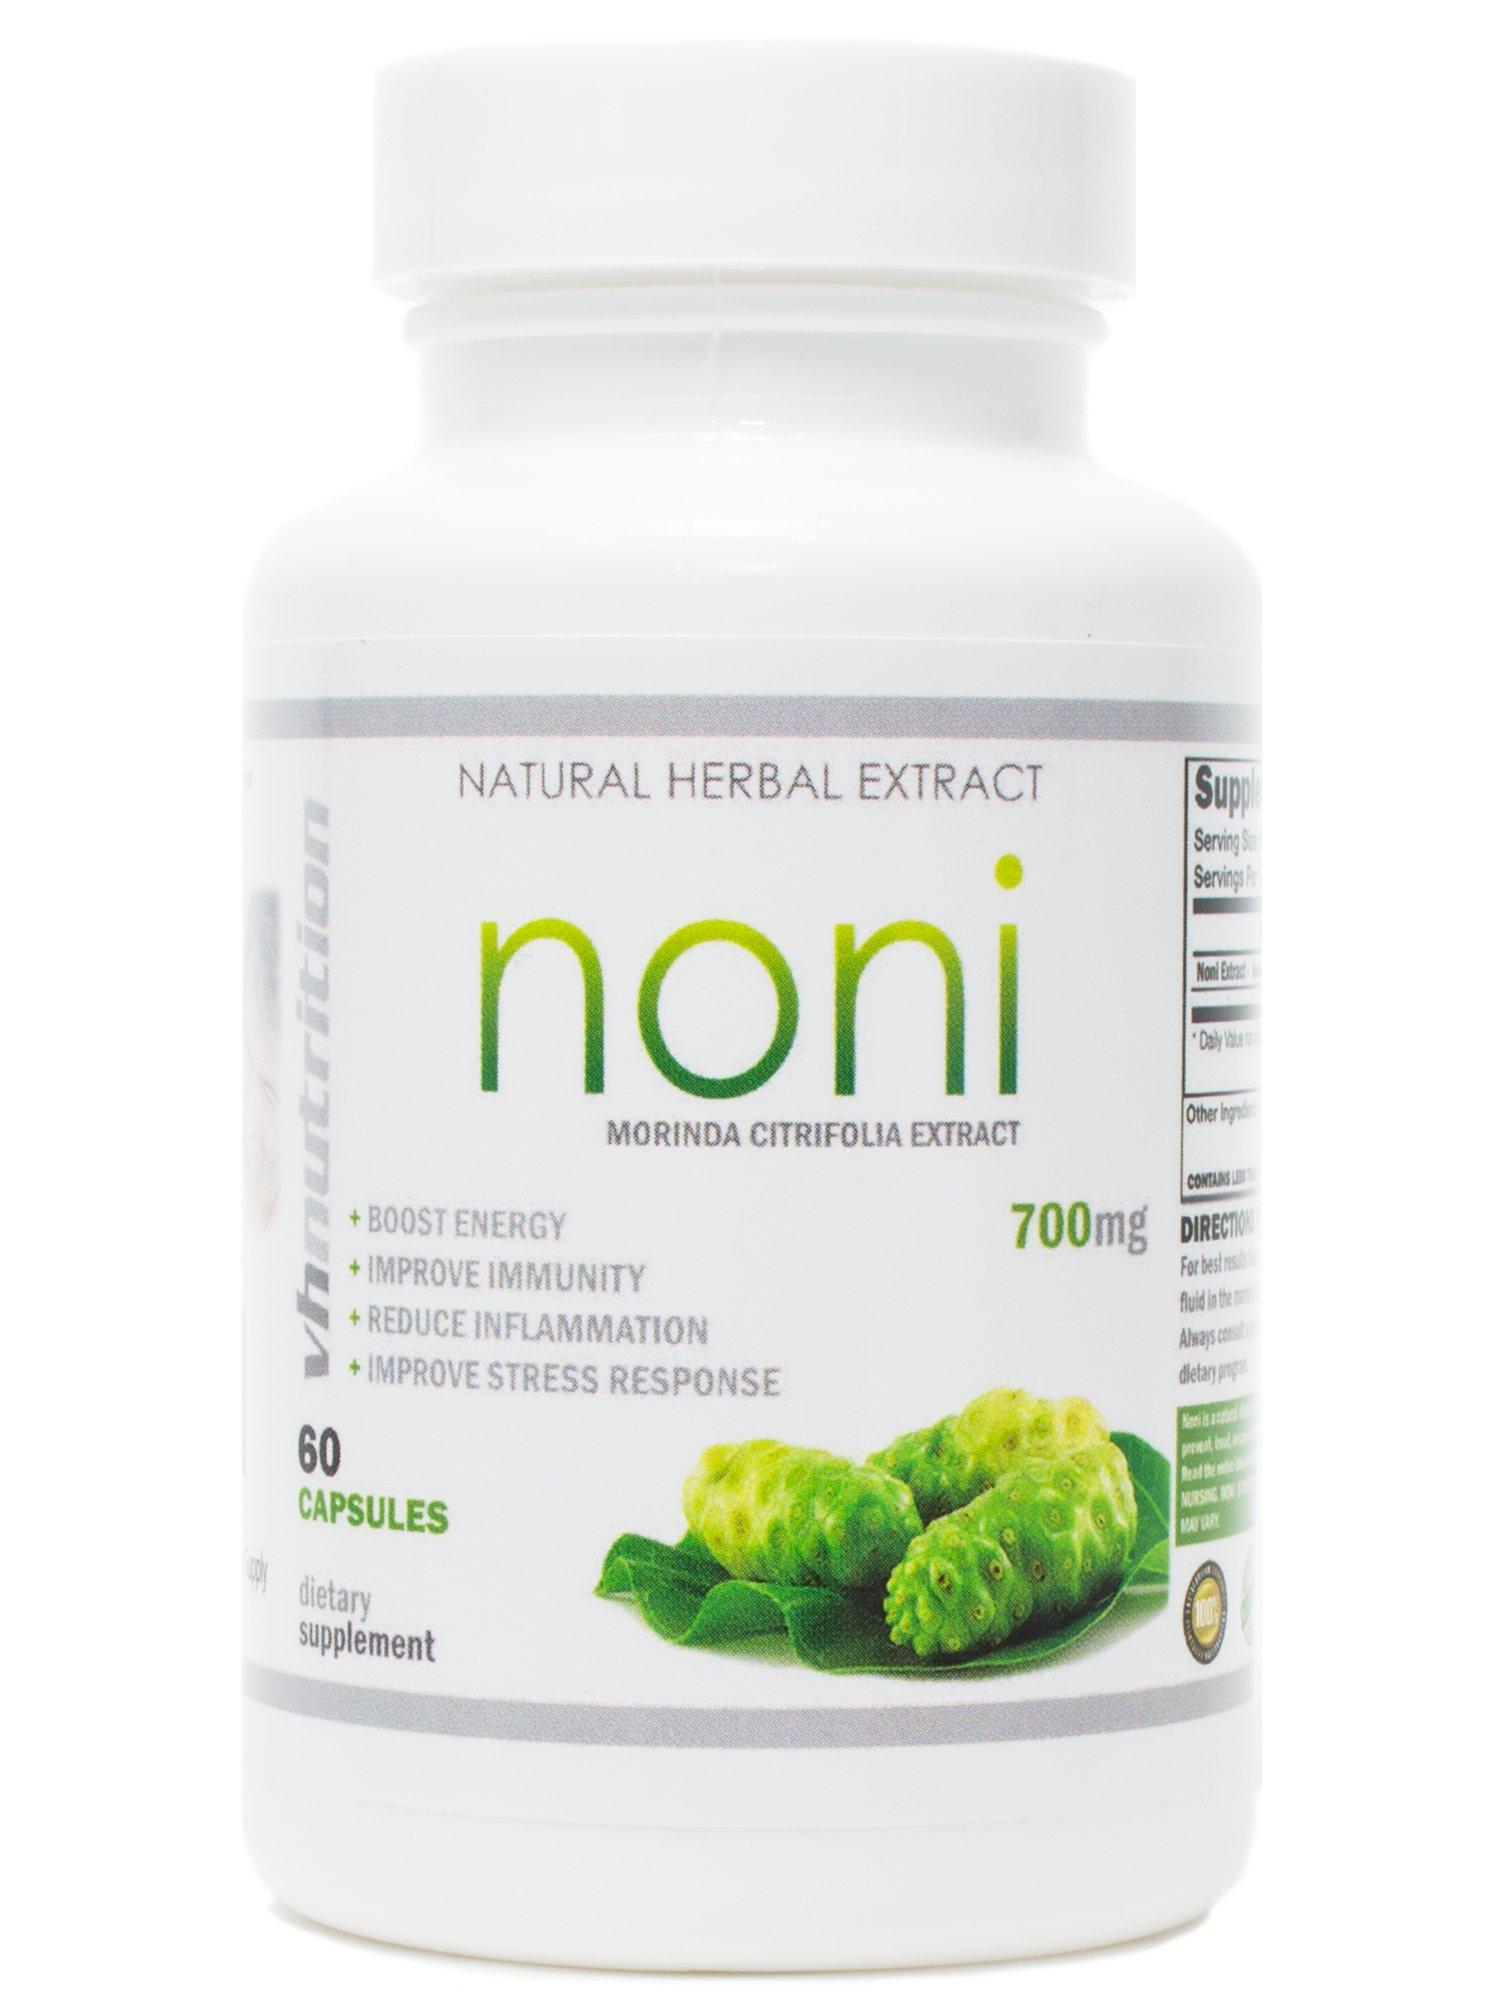 Noni Capsules | 700mg Morinda citrifolia Extract Pills | 60 Day Supply